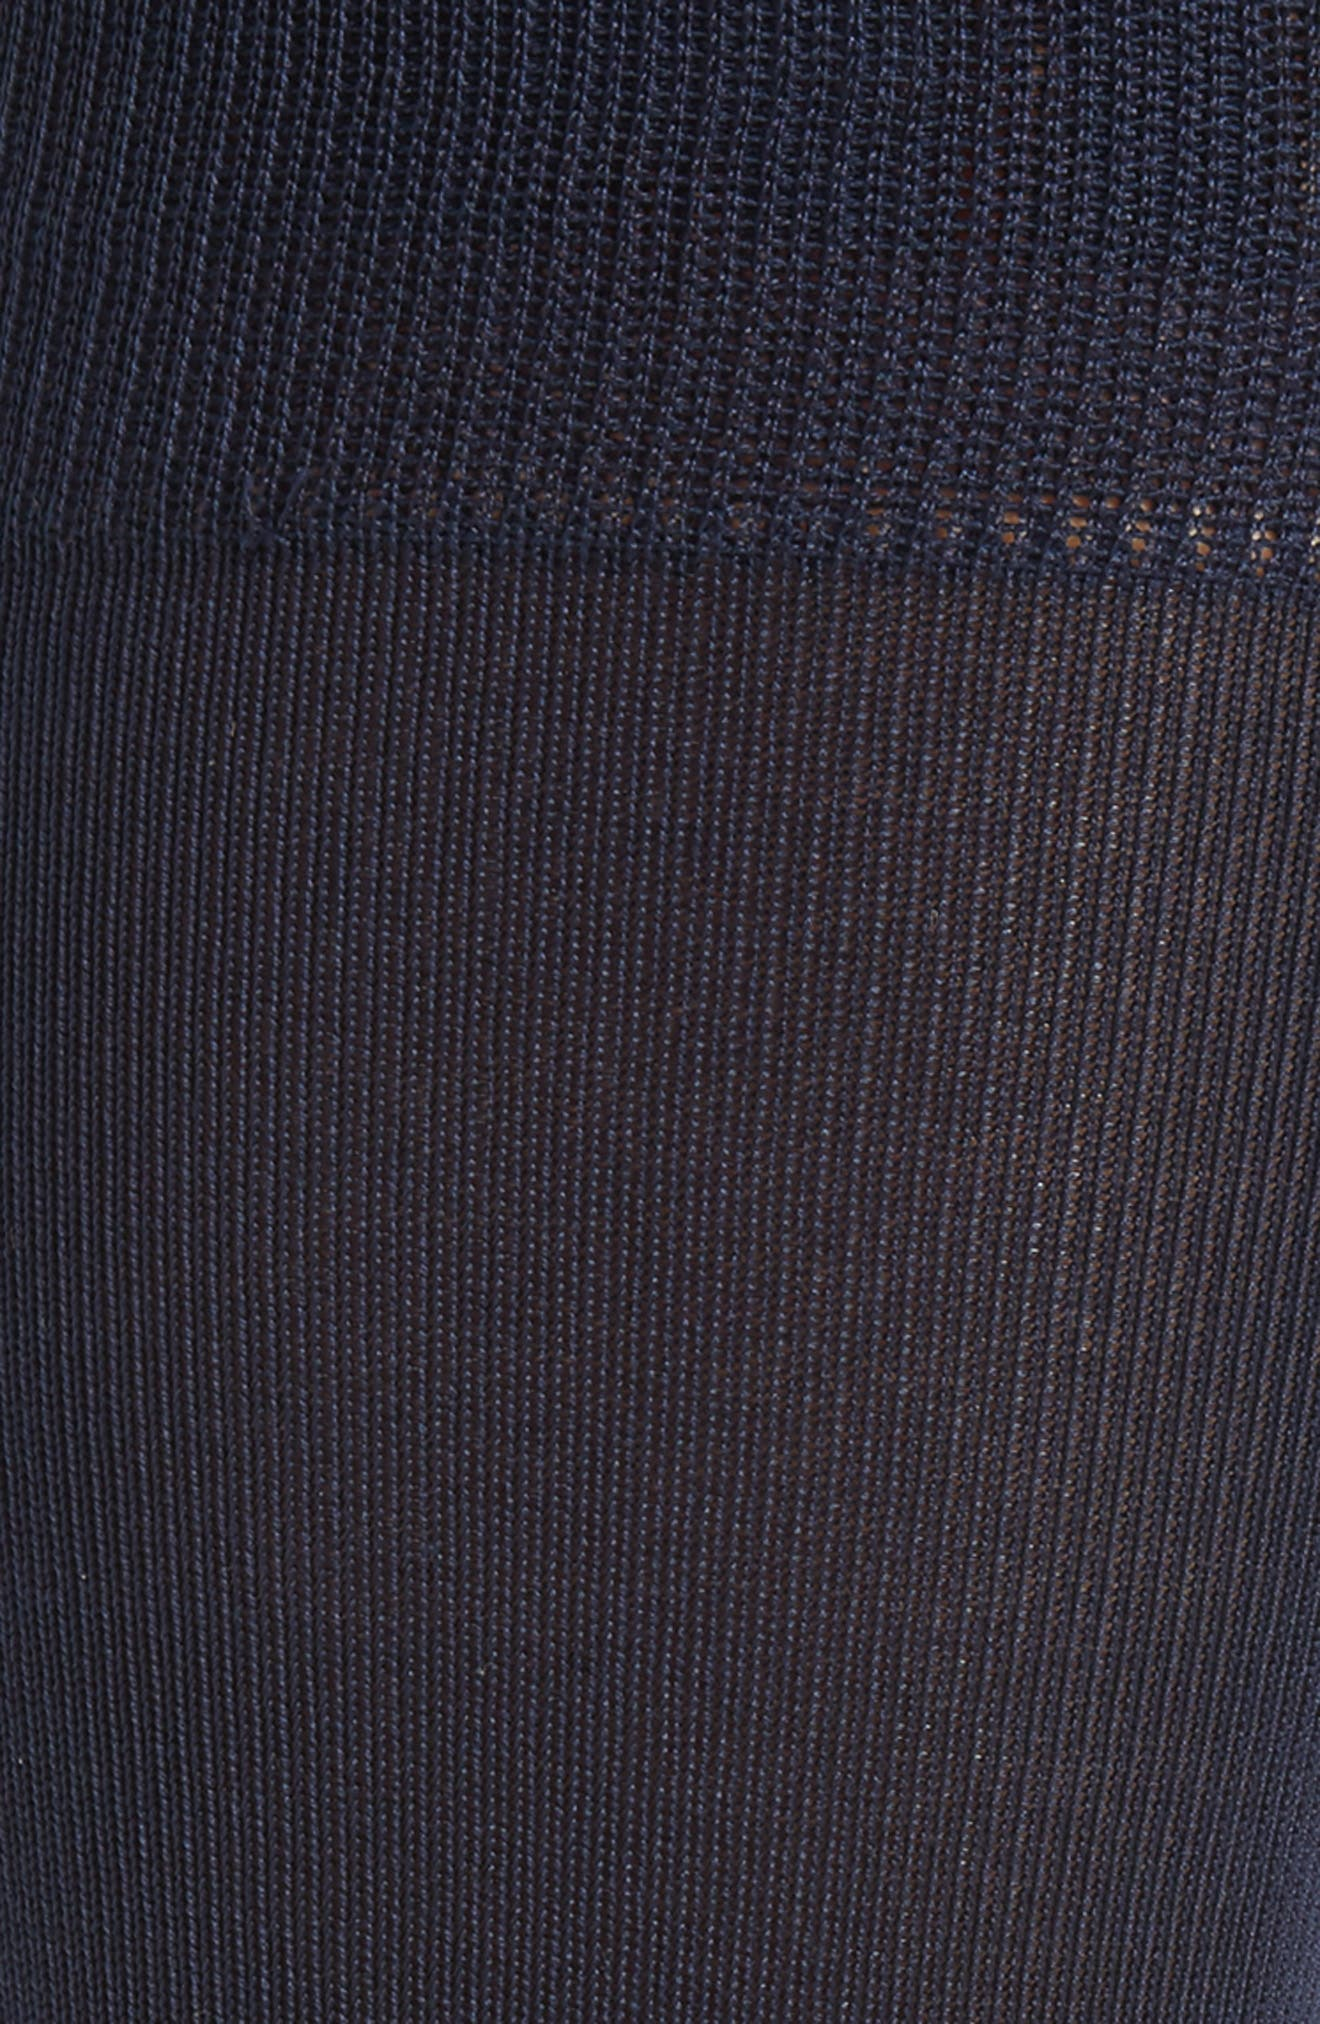 Alternate Image 2  - John W. Nordstrom® Domino Socks